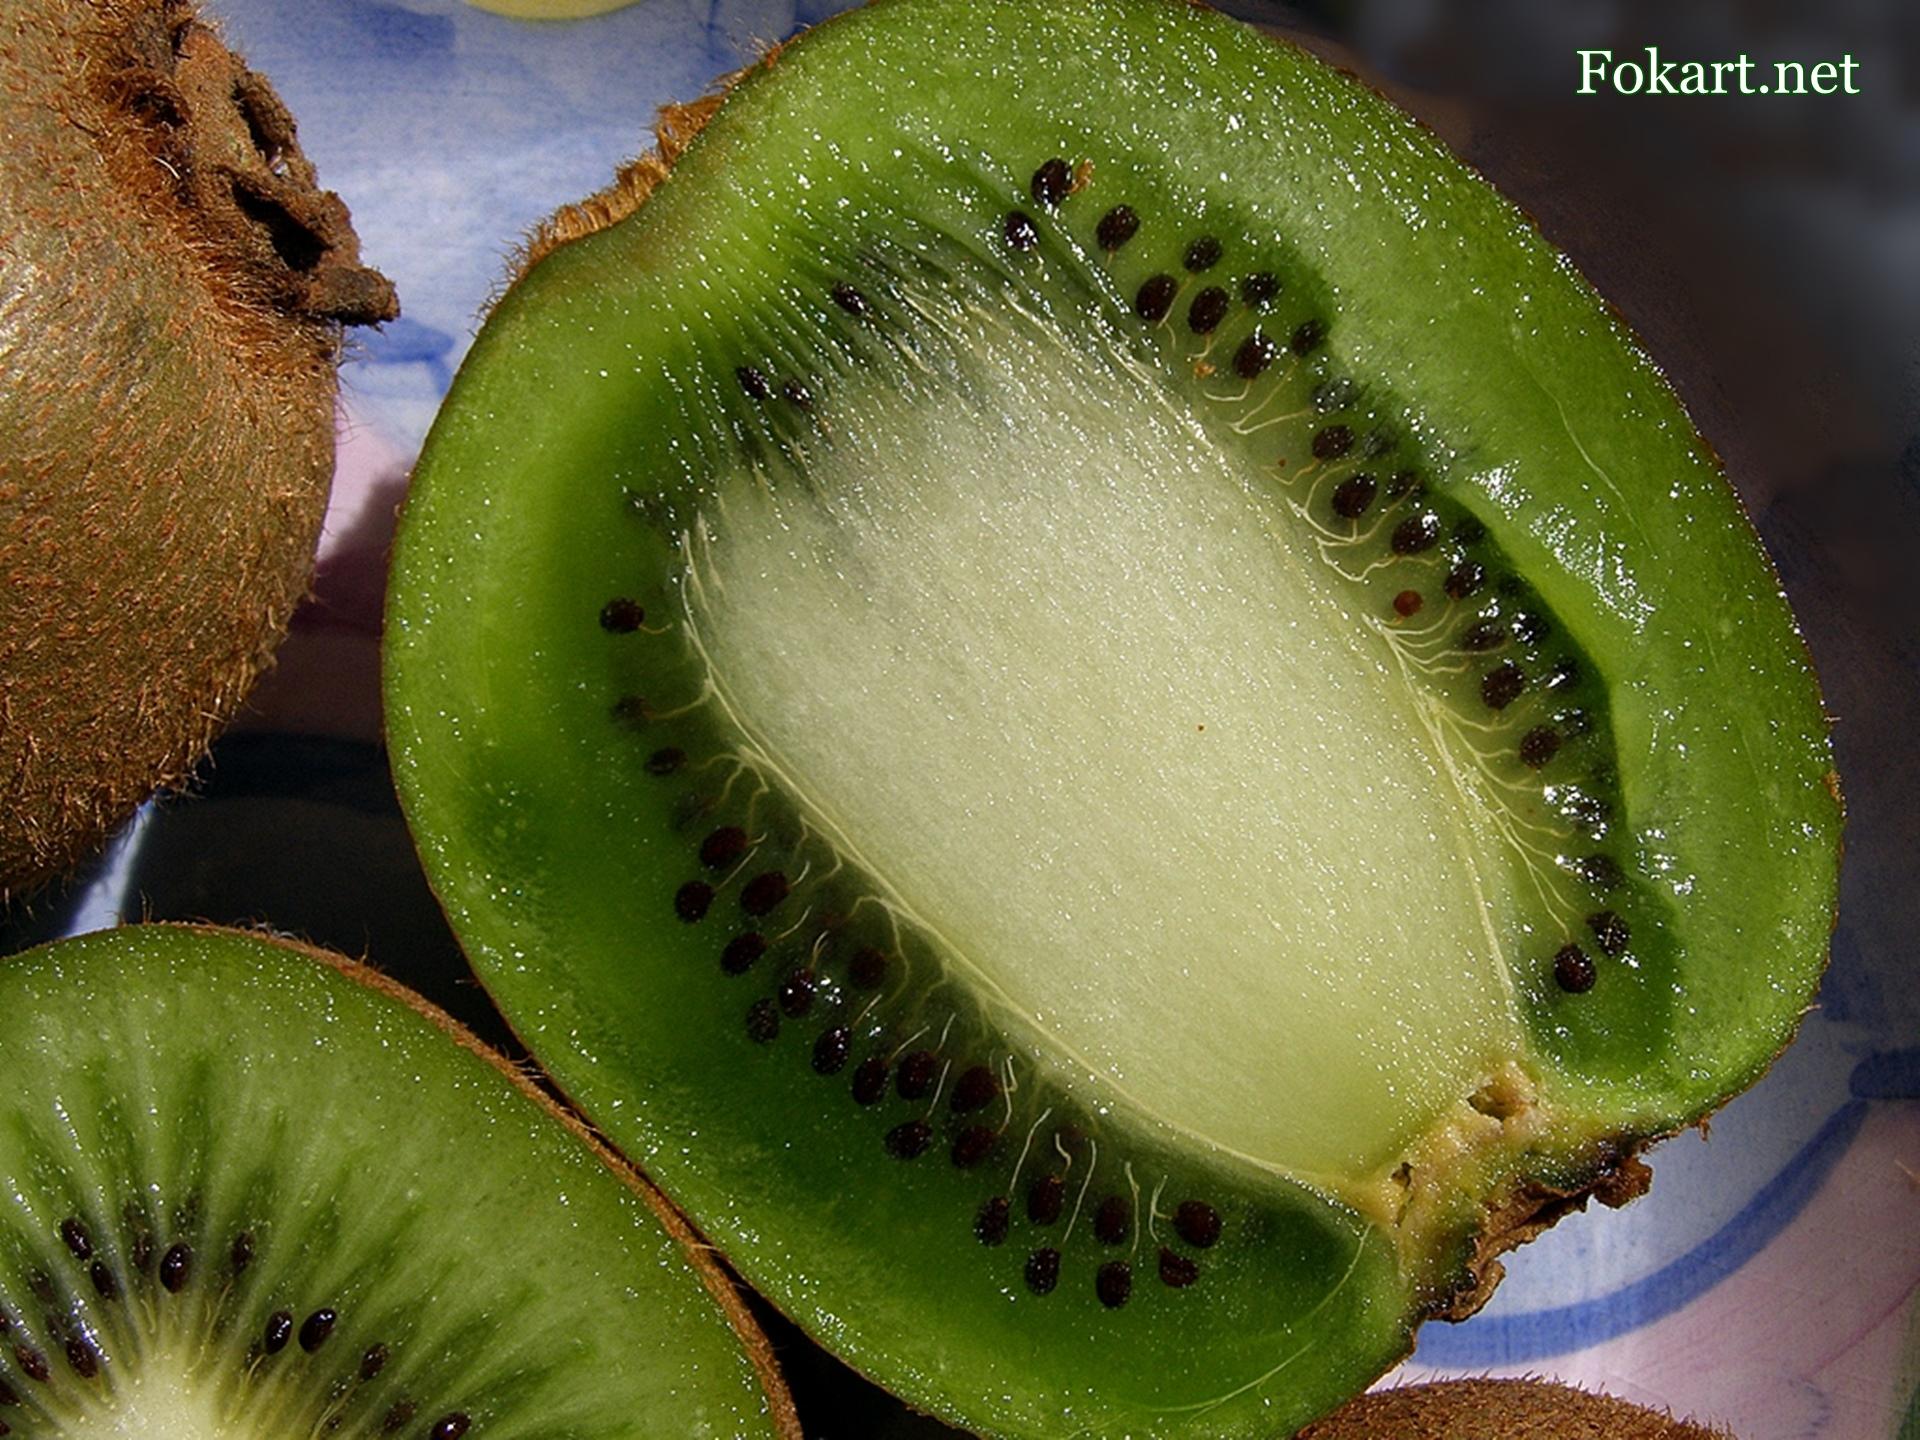 Актинидия деликатесная (Actinidia deliciosa), продольный срез киви крупным планом